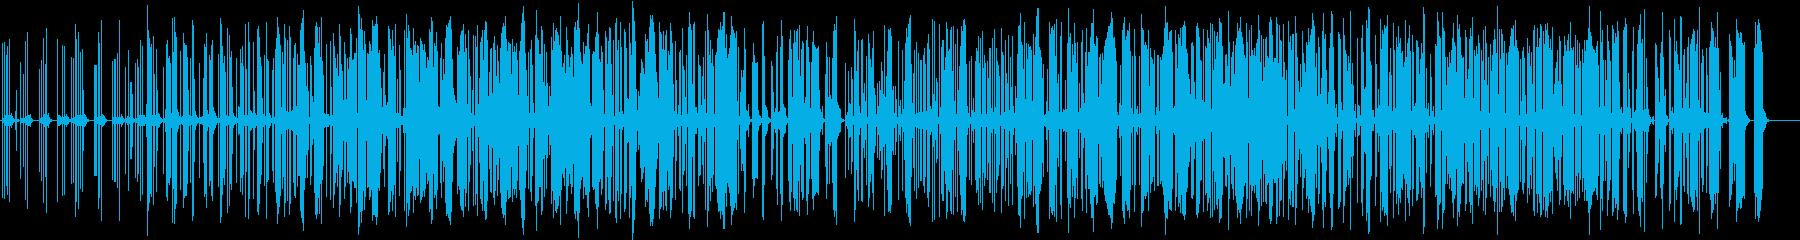 耳に気持ちいいリズムノイズトラックの再生済みの波形